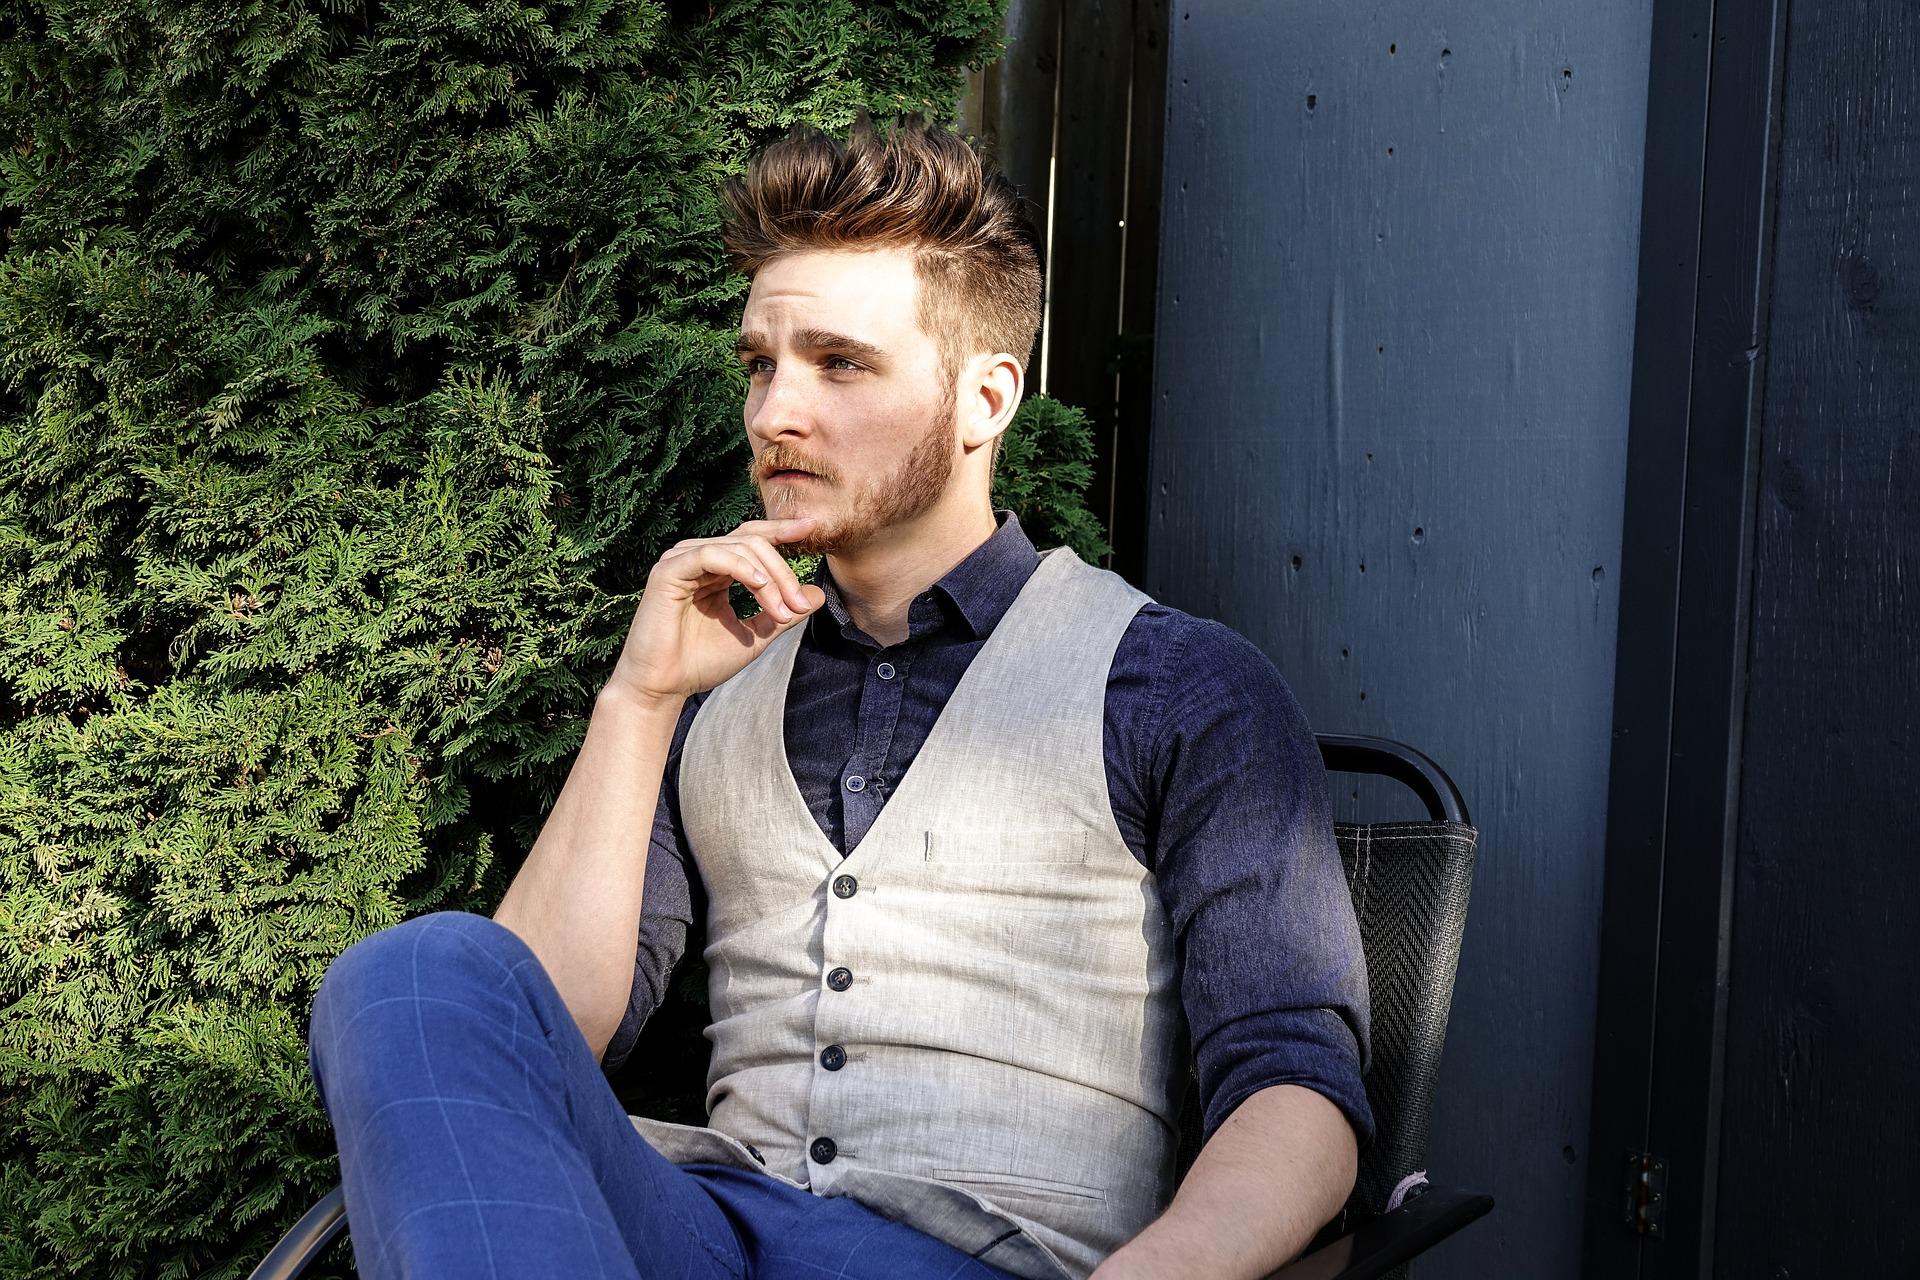 Homme bien habillé assis dehors sur une chaise se touchant la barbe